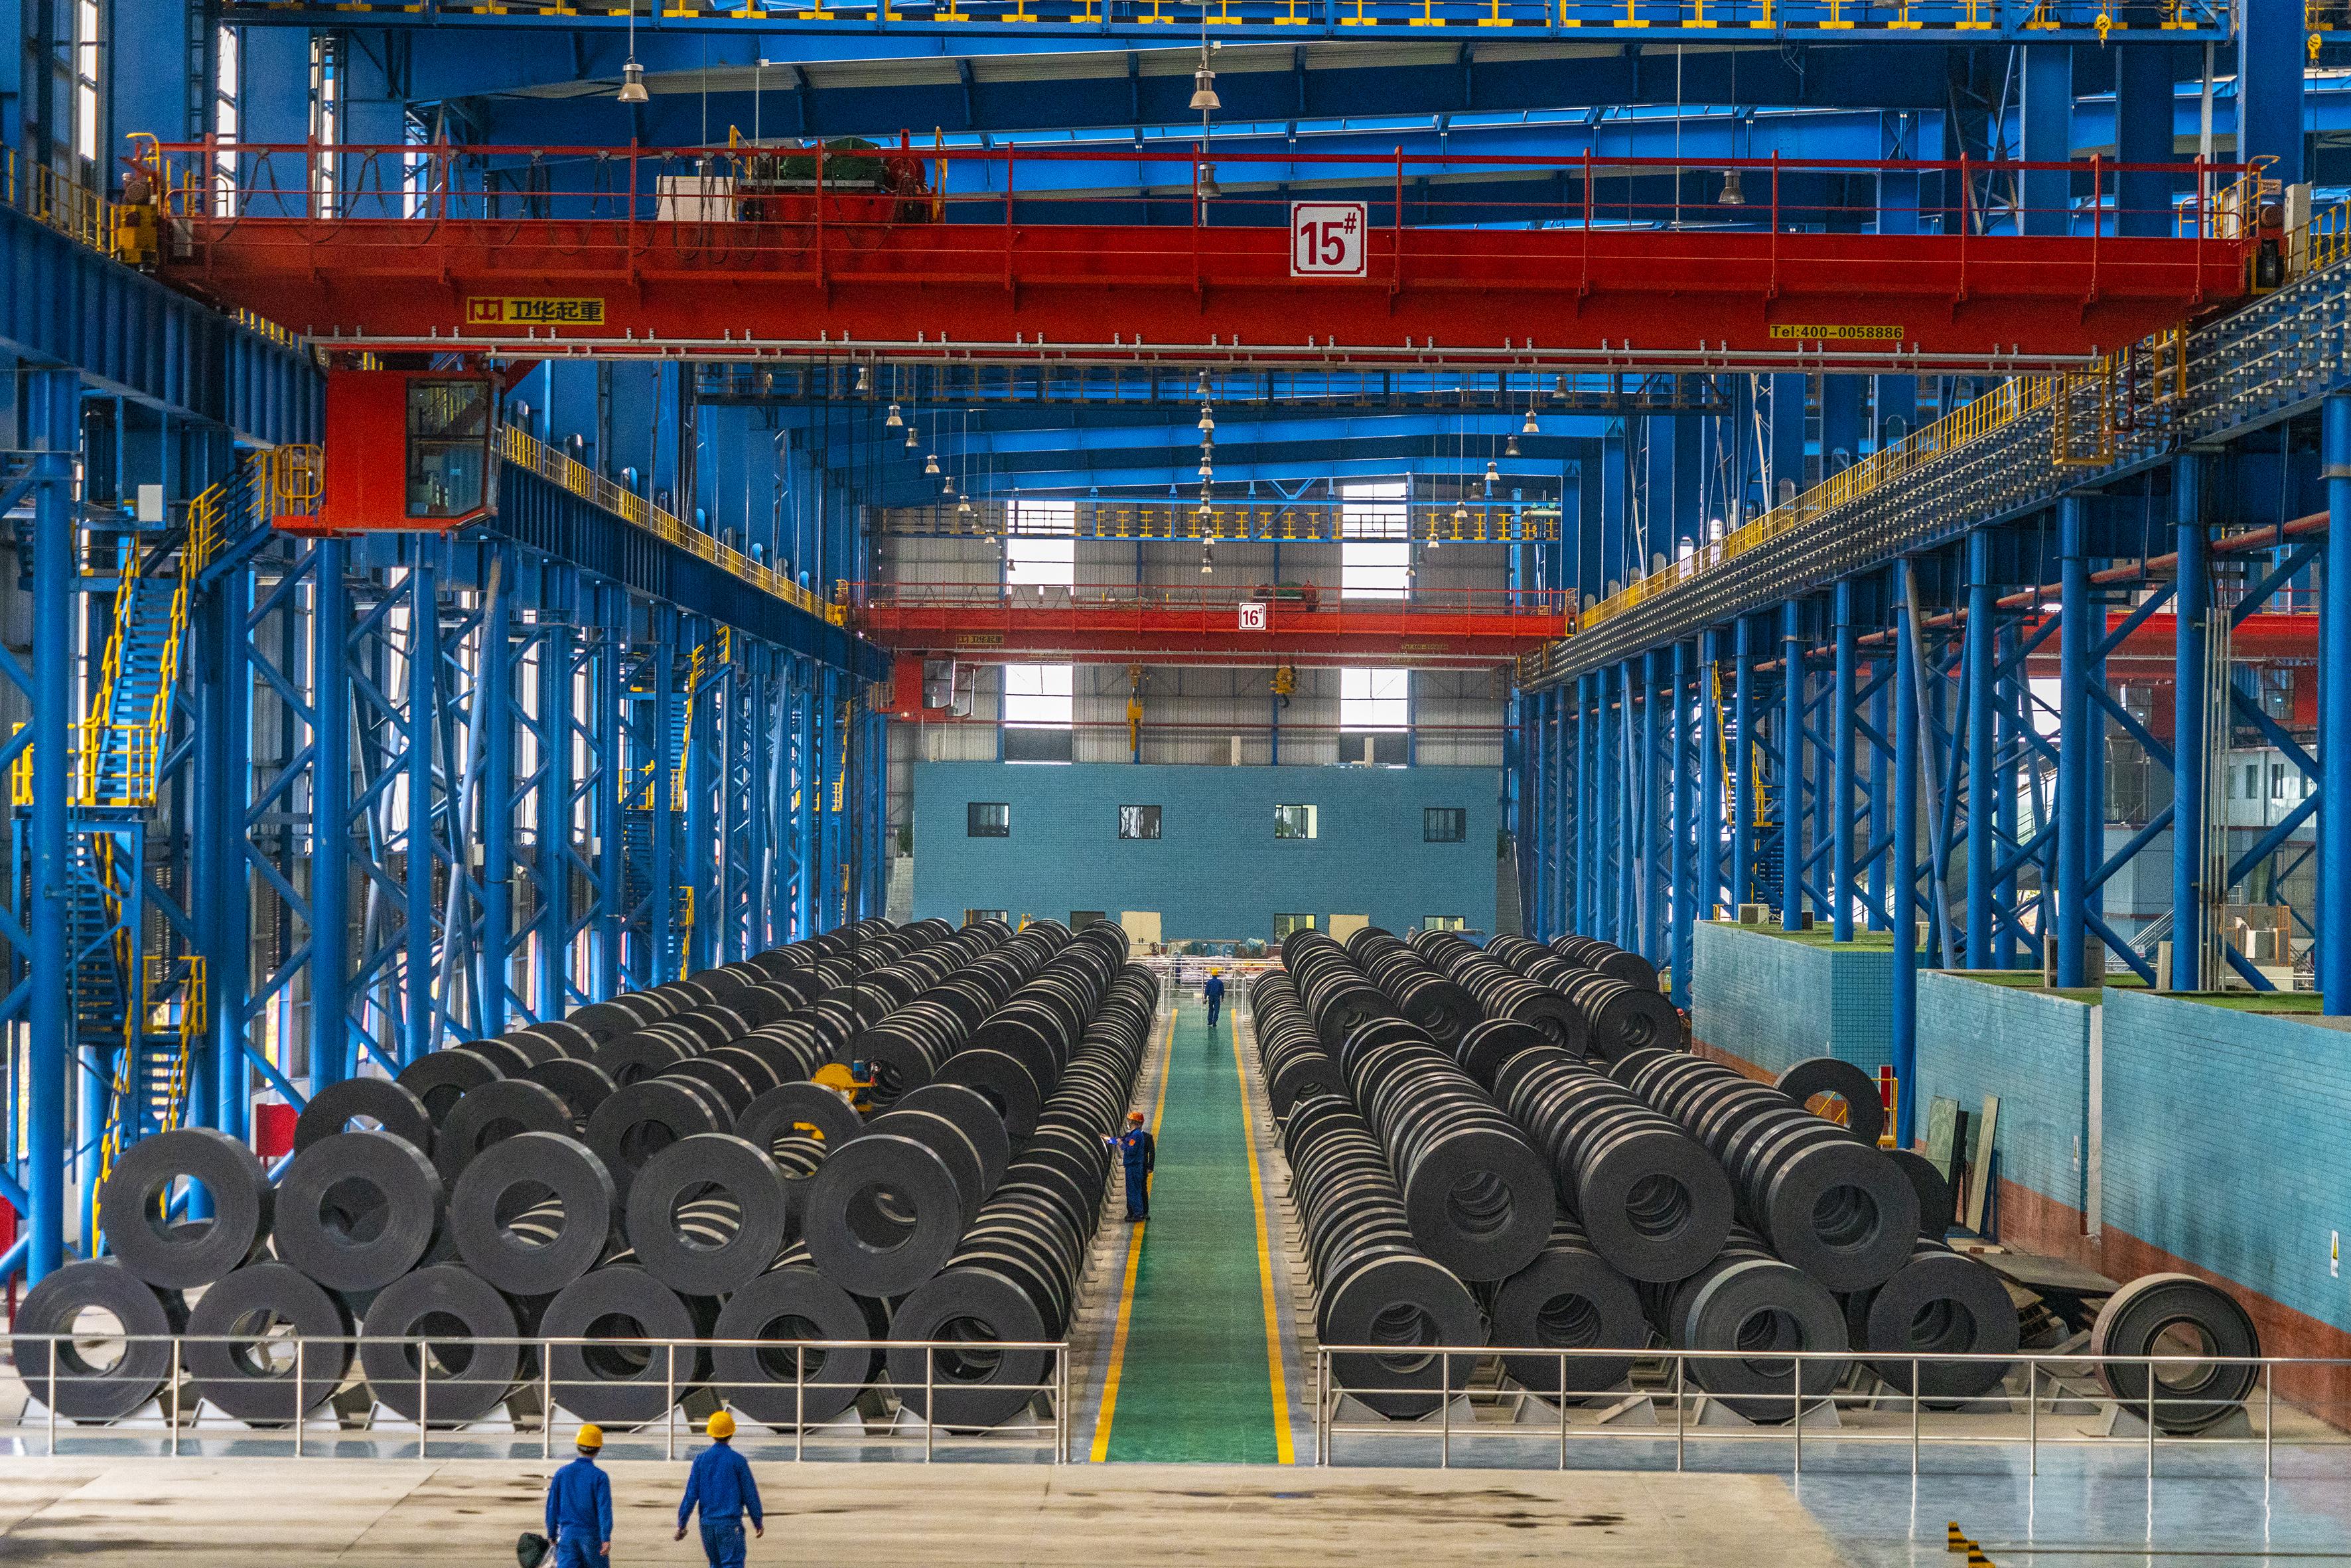 福建科宝金属制品有限公司冷轧硅钢及金属制品深加工项目 环境影响评价首次信息公开